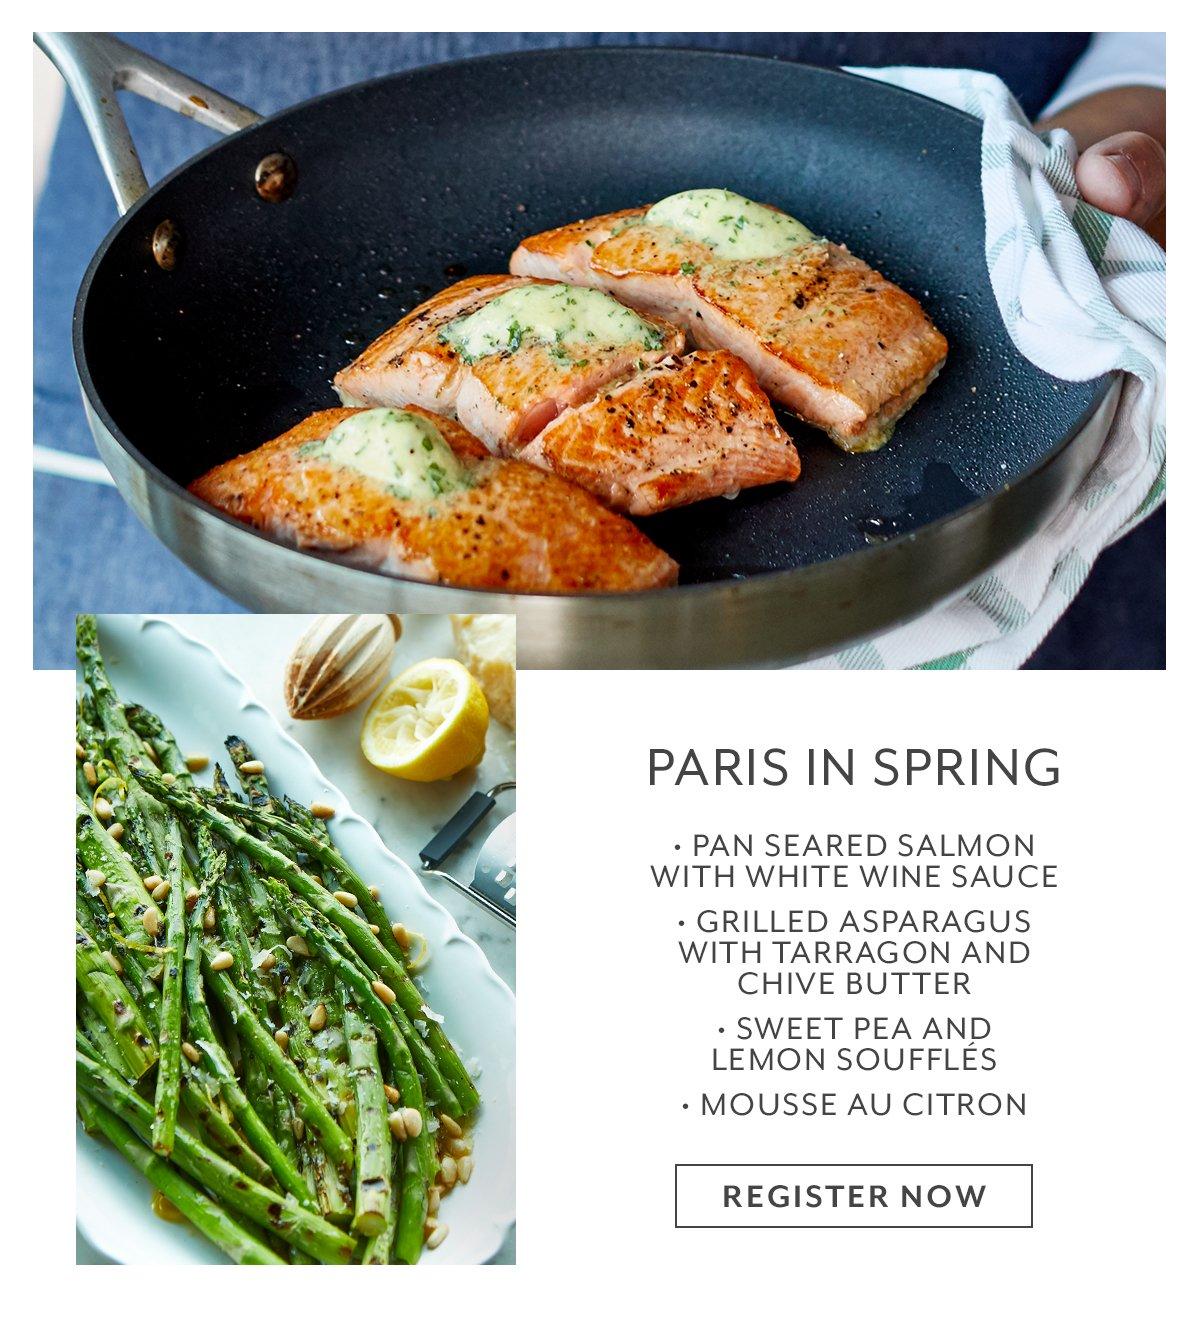 Class - Paris in Spring